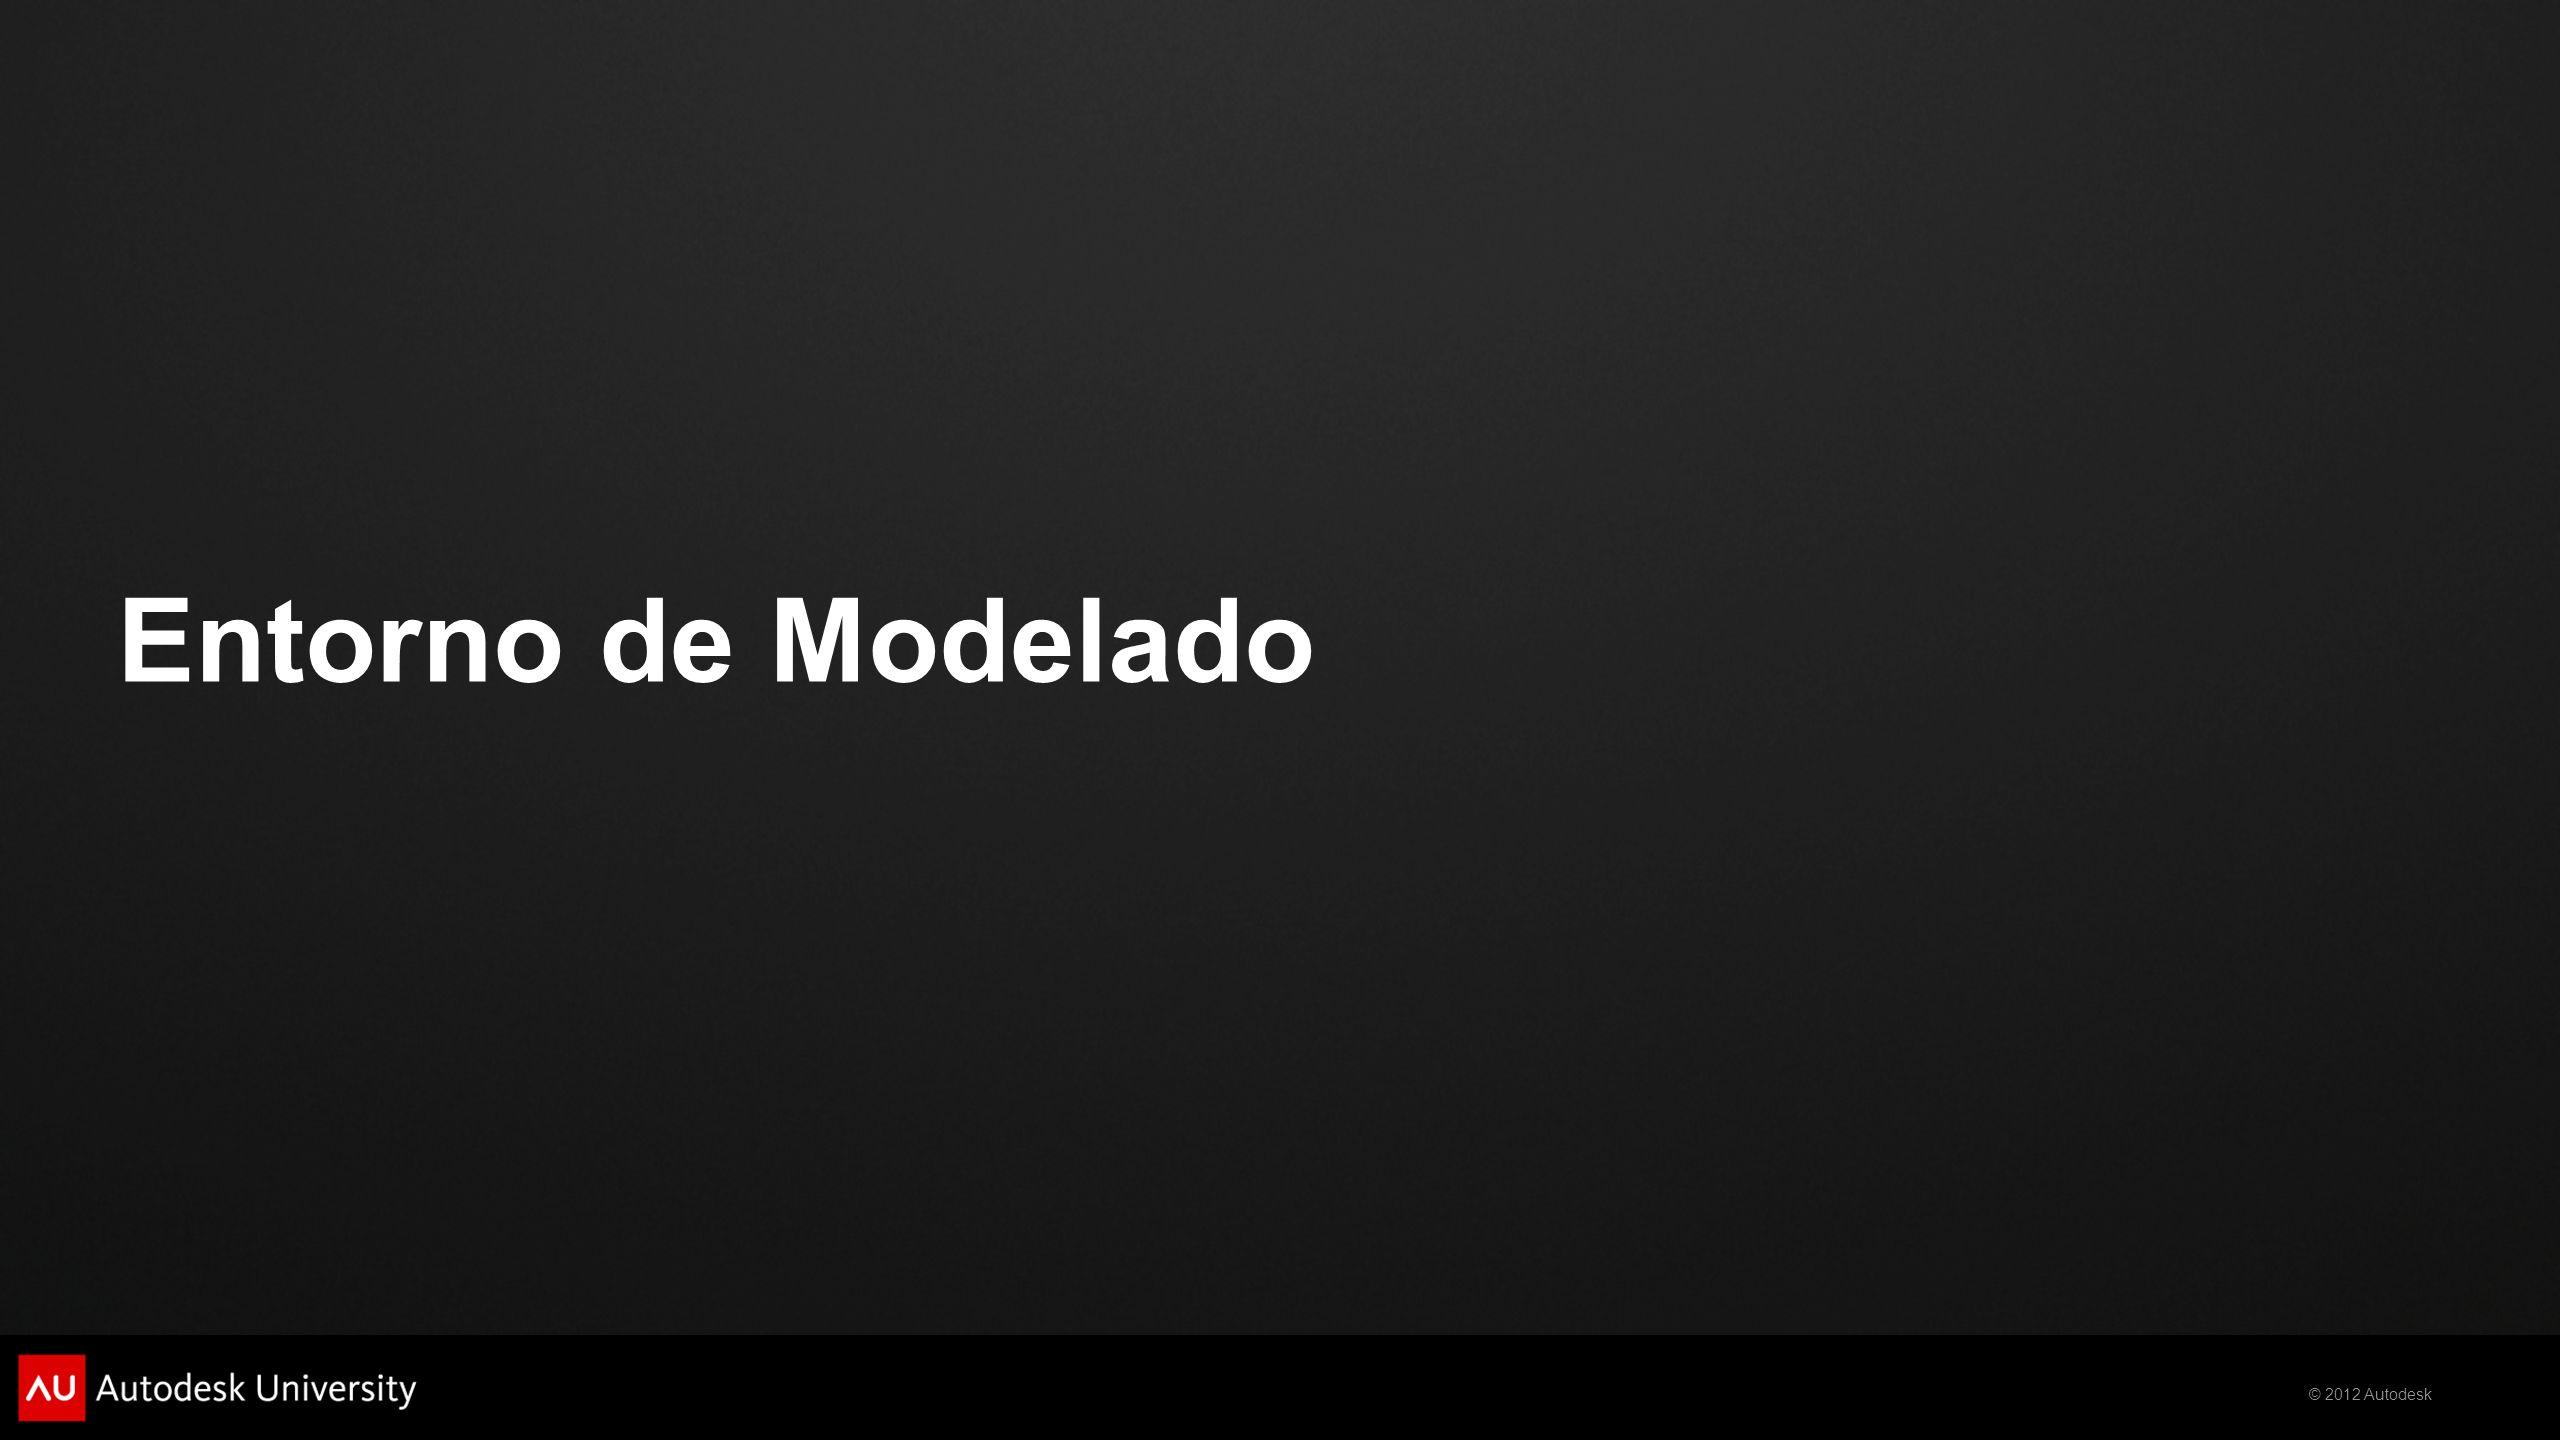 Entorno de Modelado